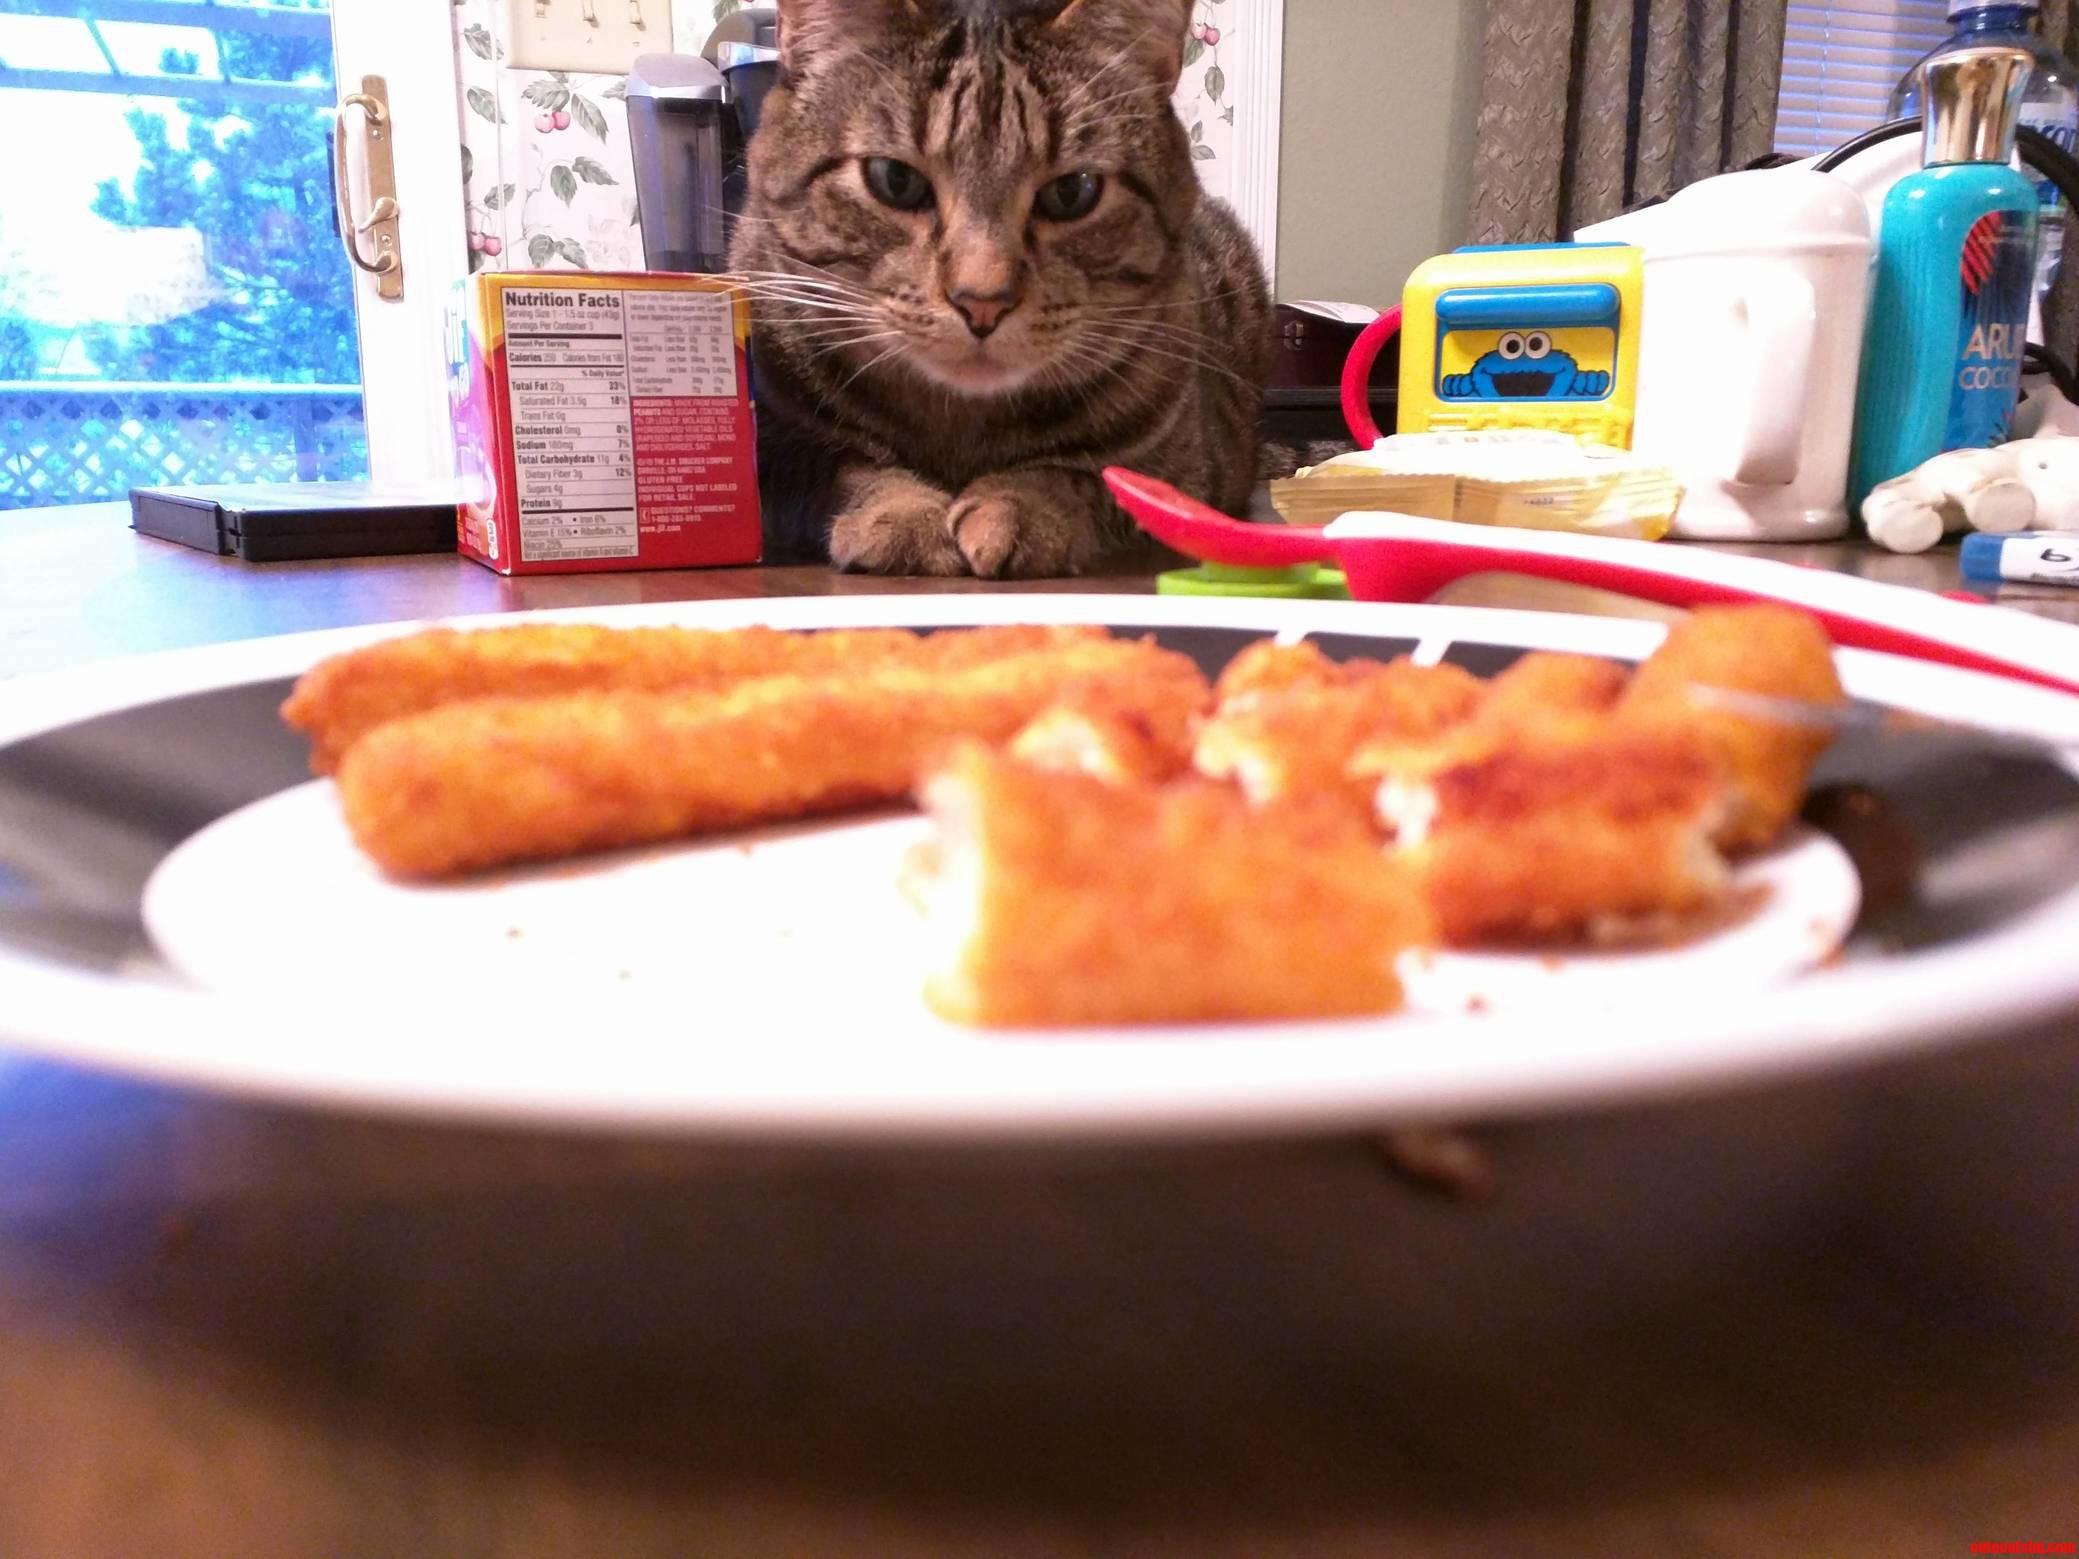 Kitty wants babys chicken fingers